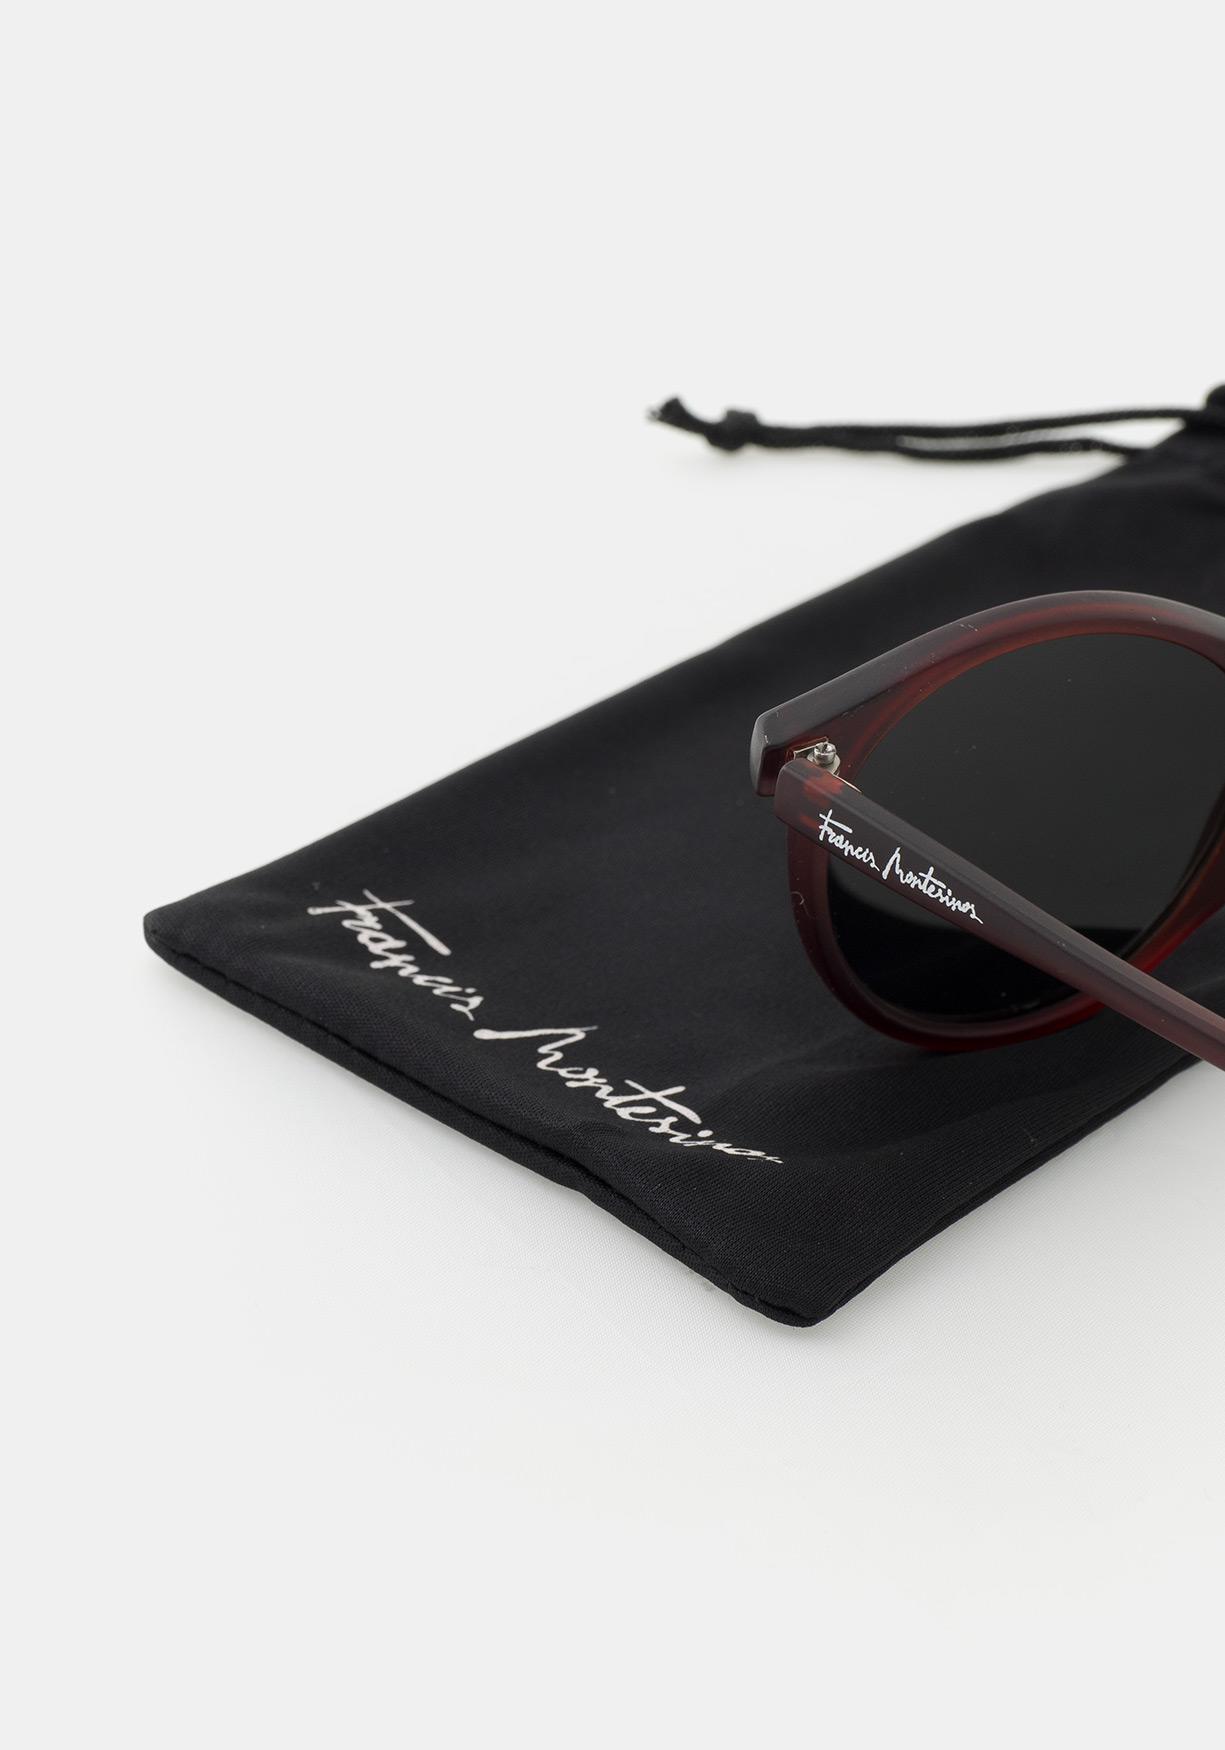 f08c5448e4 Comprar Gafas de sol polarizadas Francis Montesinos. ¡Aprovéchate de ...